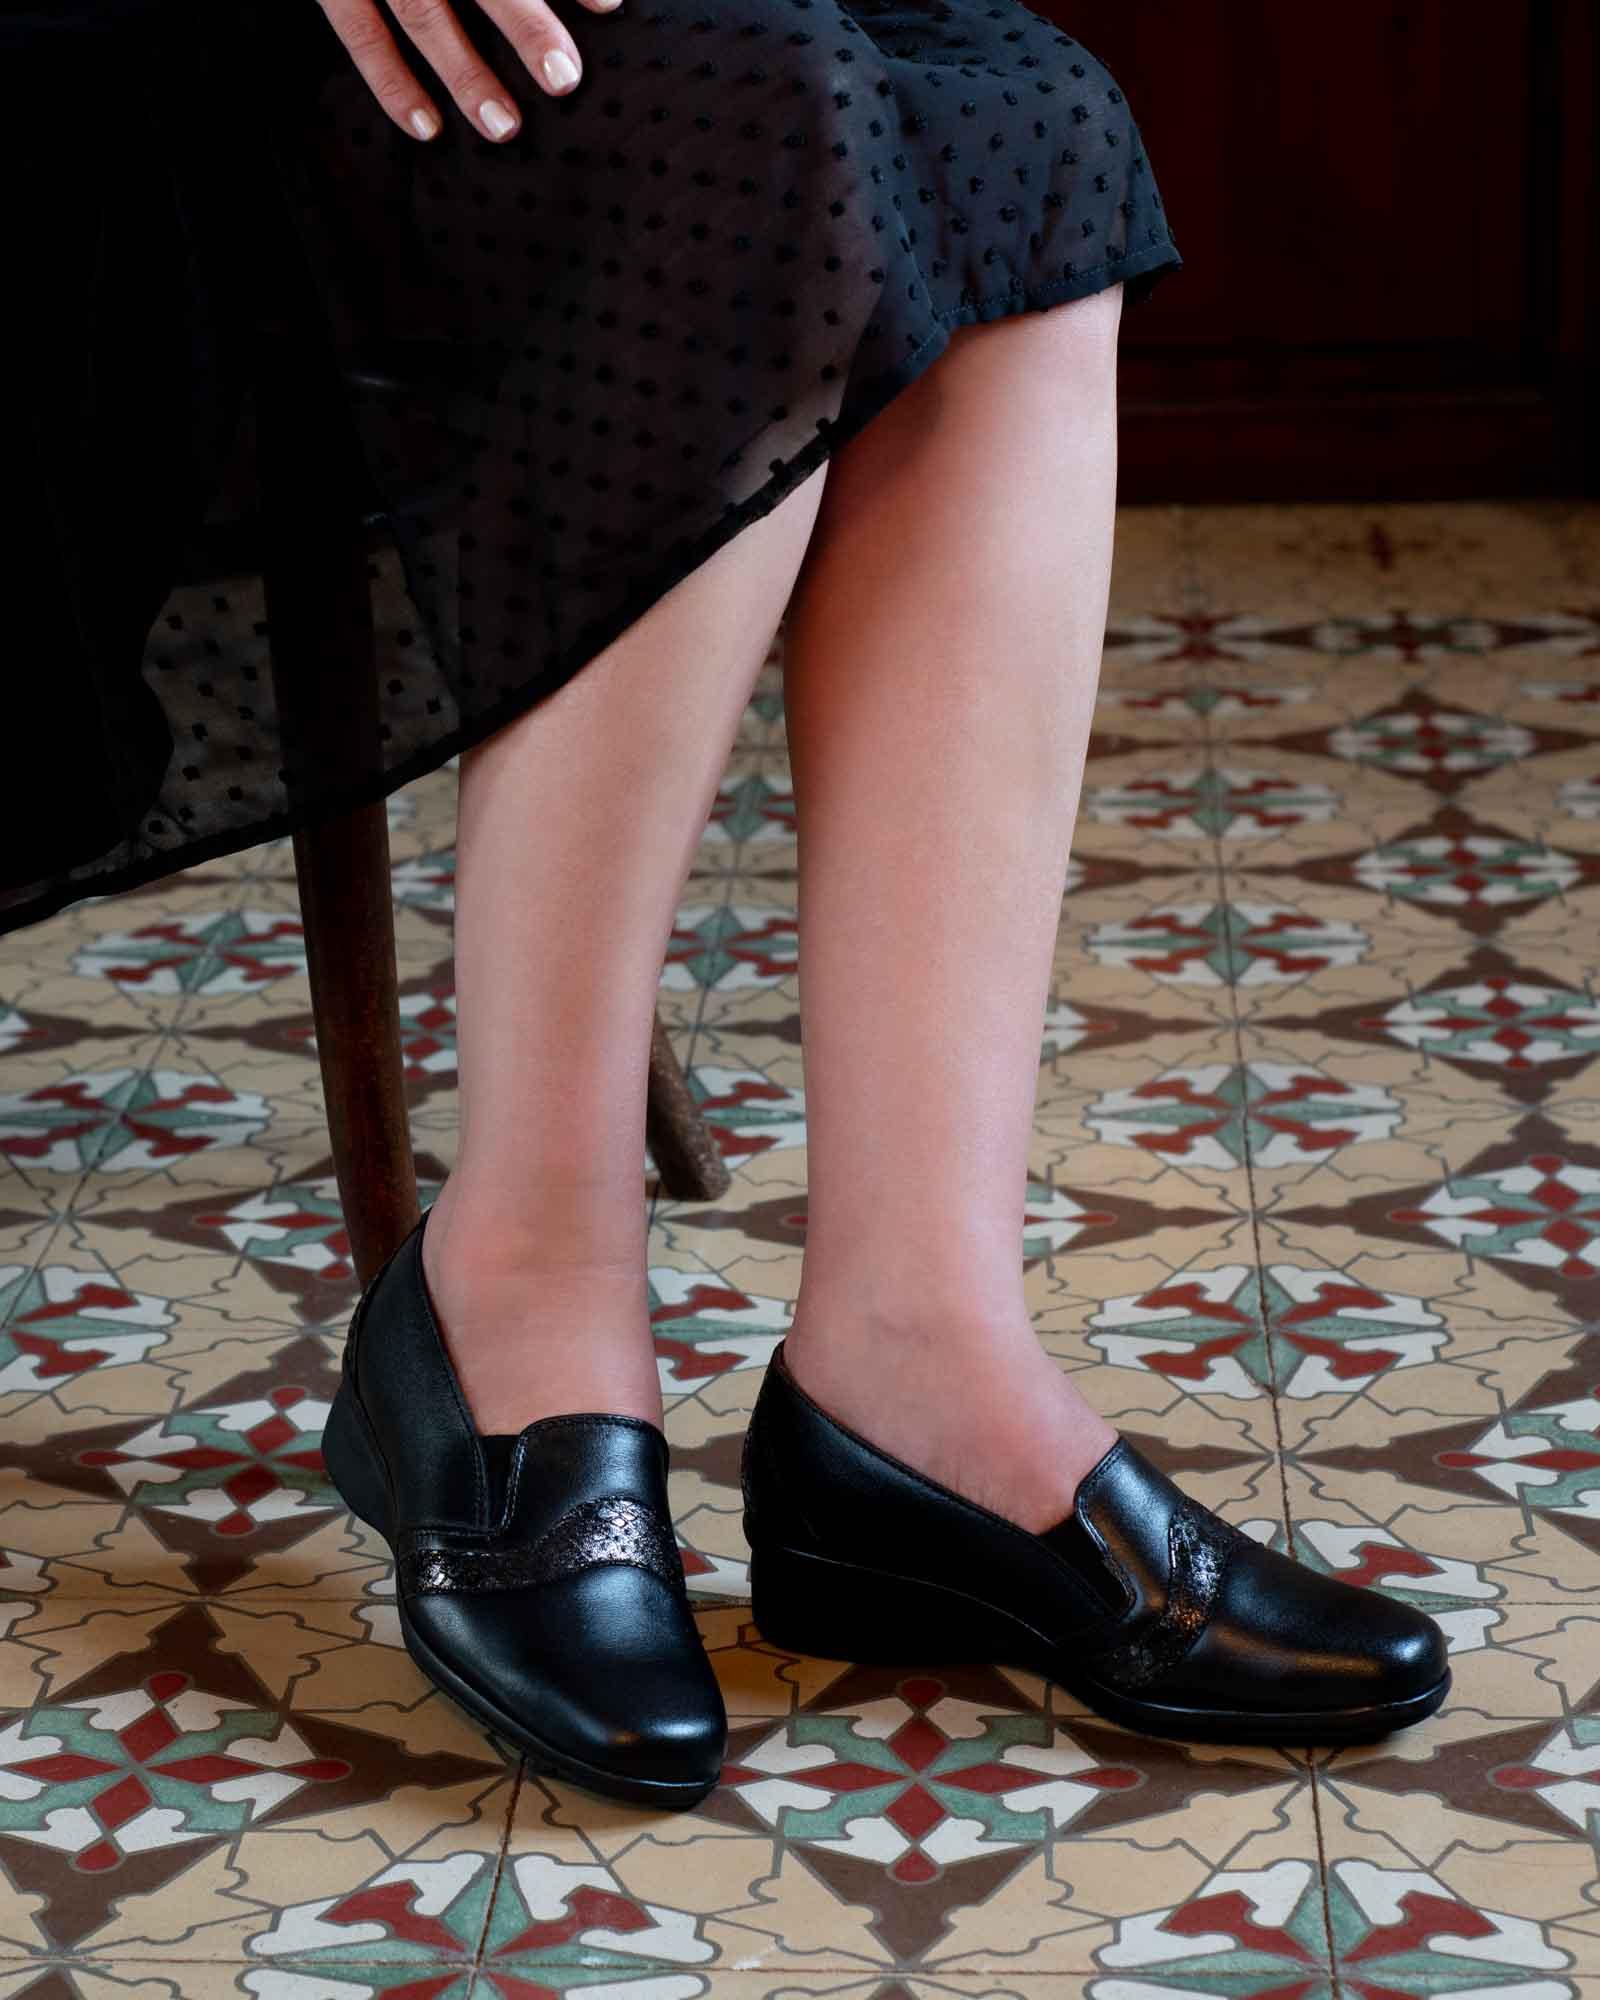 Piernas de mujer con vestido y zapatos negros, con baldosas marrones españoles